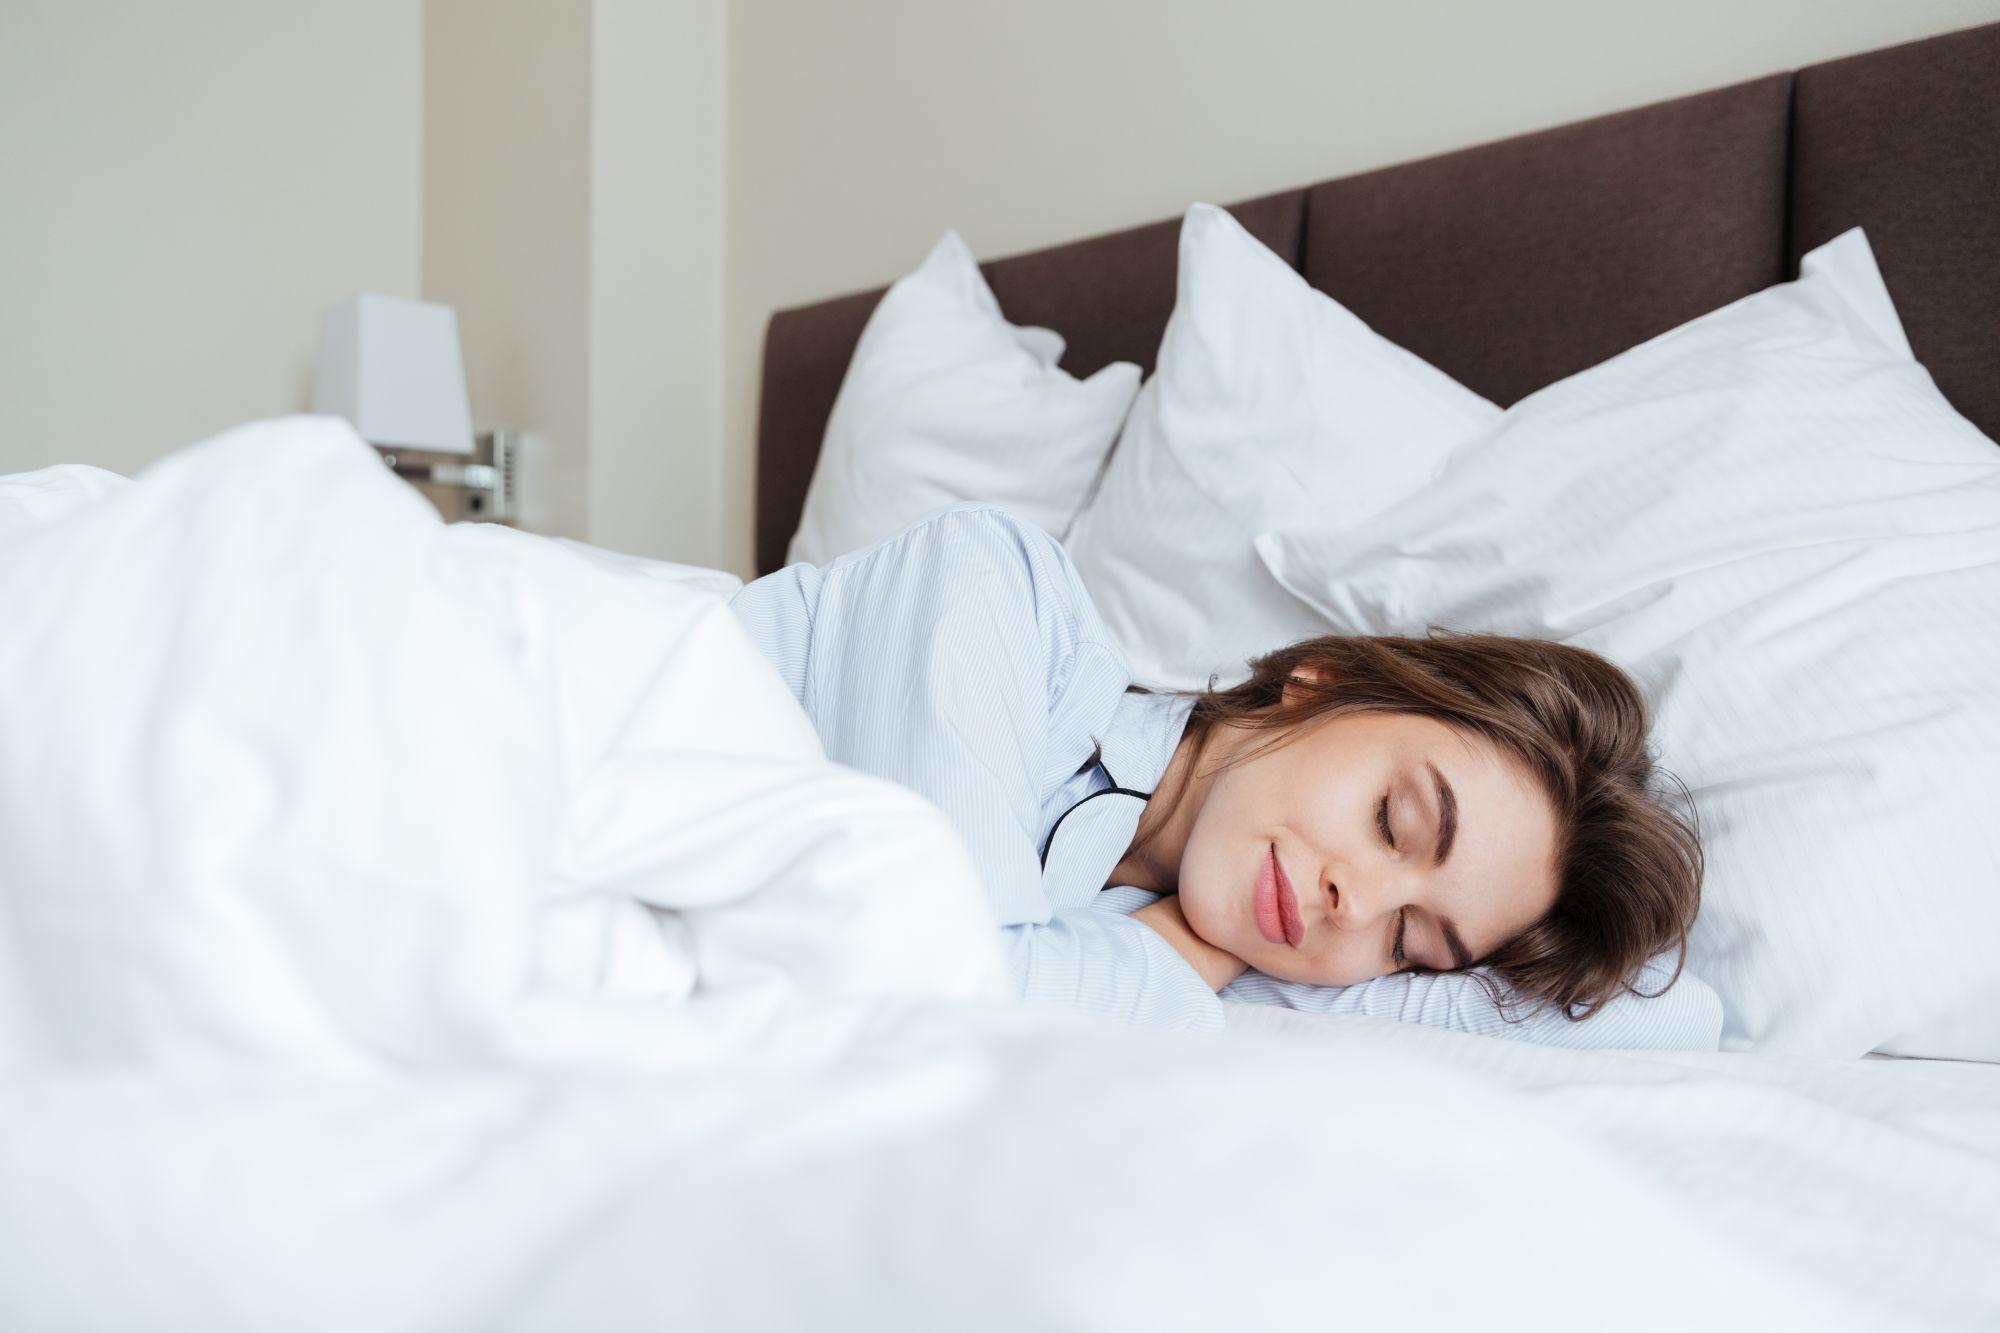 Ágyban fekvő nő ergonomikus párnán alszik